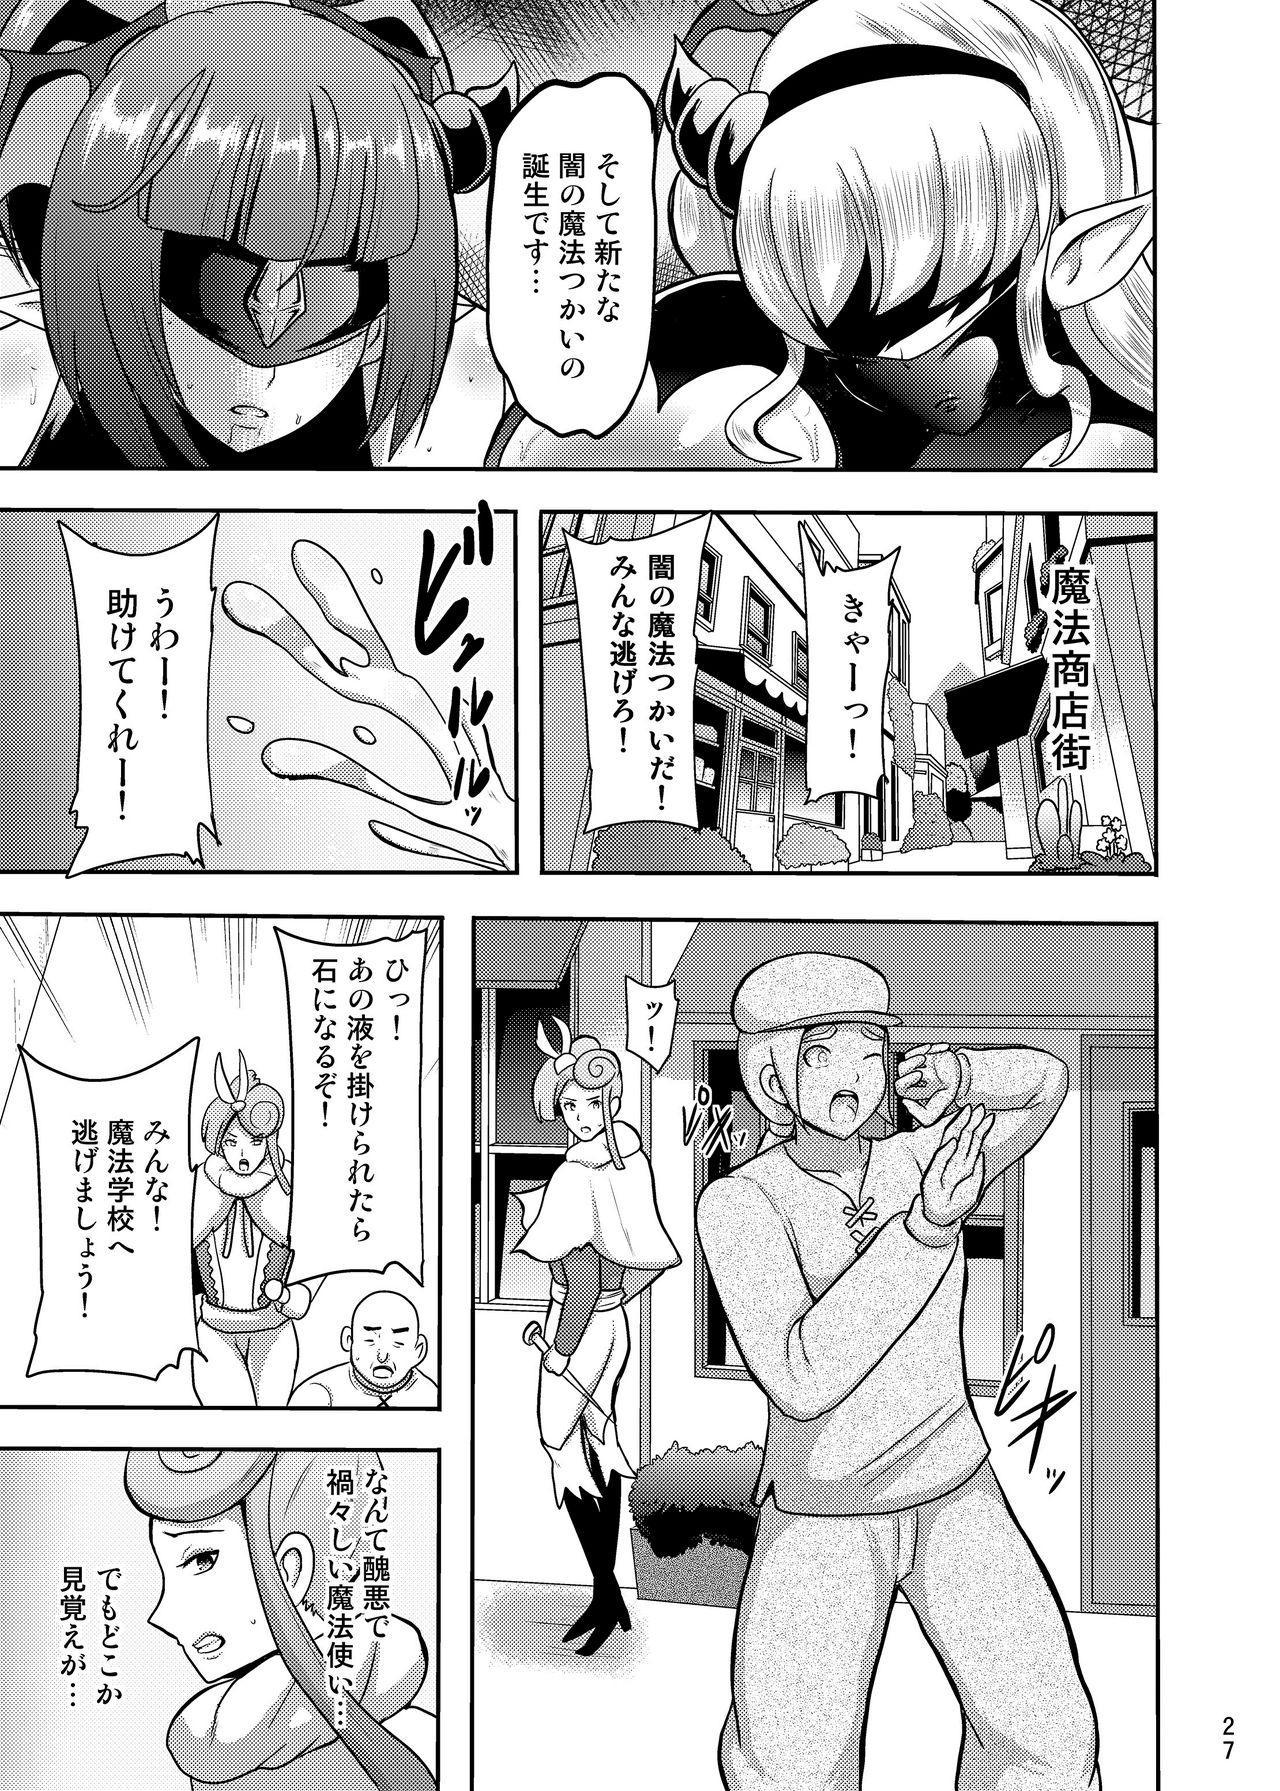 Densetsu no Mahou Tsukai wa Kyou Inaku Narimashita 26